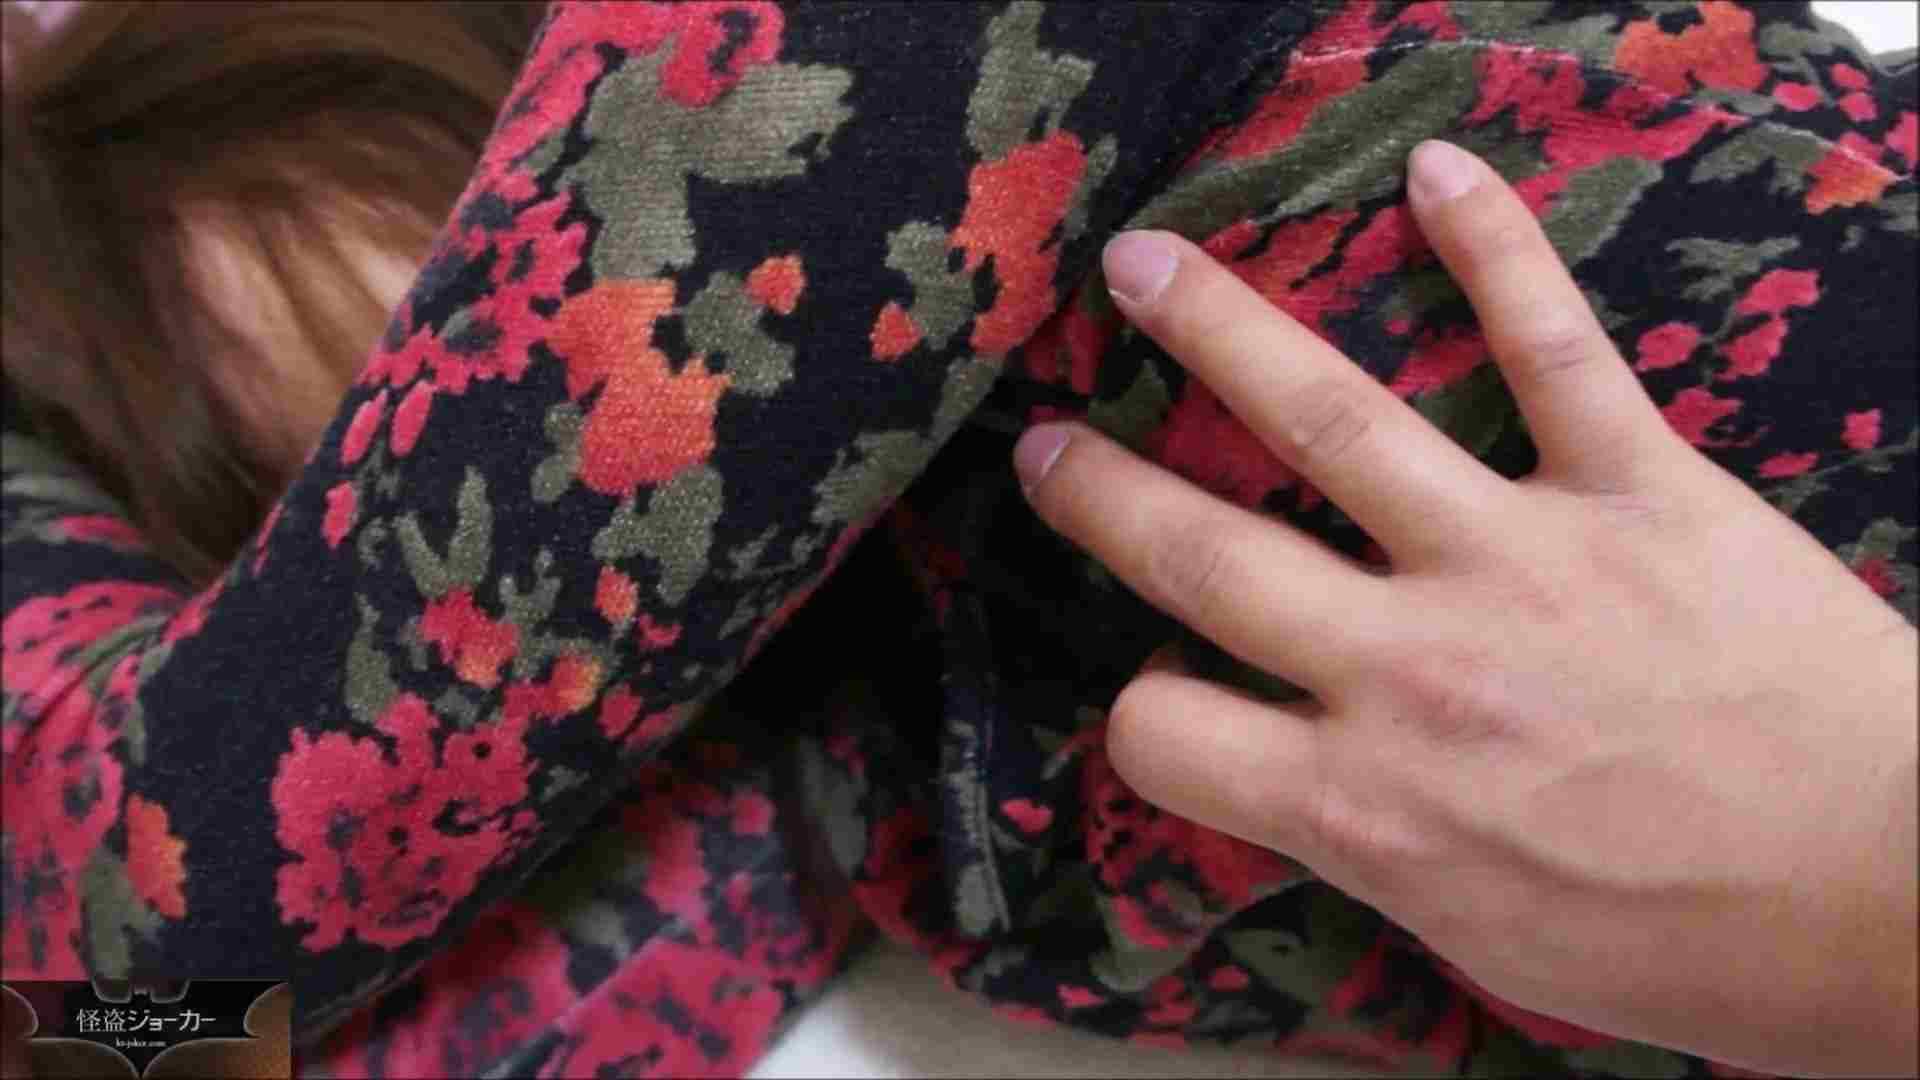 【未公開】vol.2 妻の友人、美里さん・・・晩酌の後、人妻の体を。 人妻の実態 すけべAV動画紹介 98pic 39